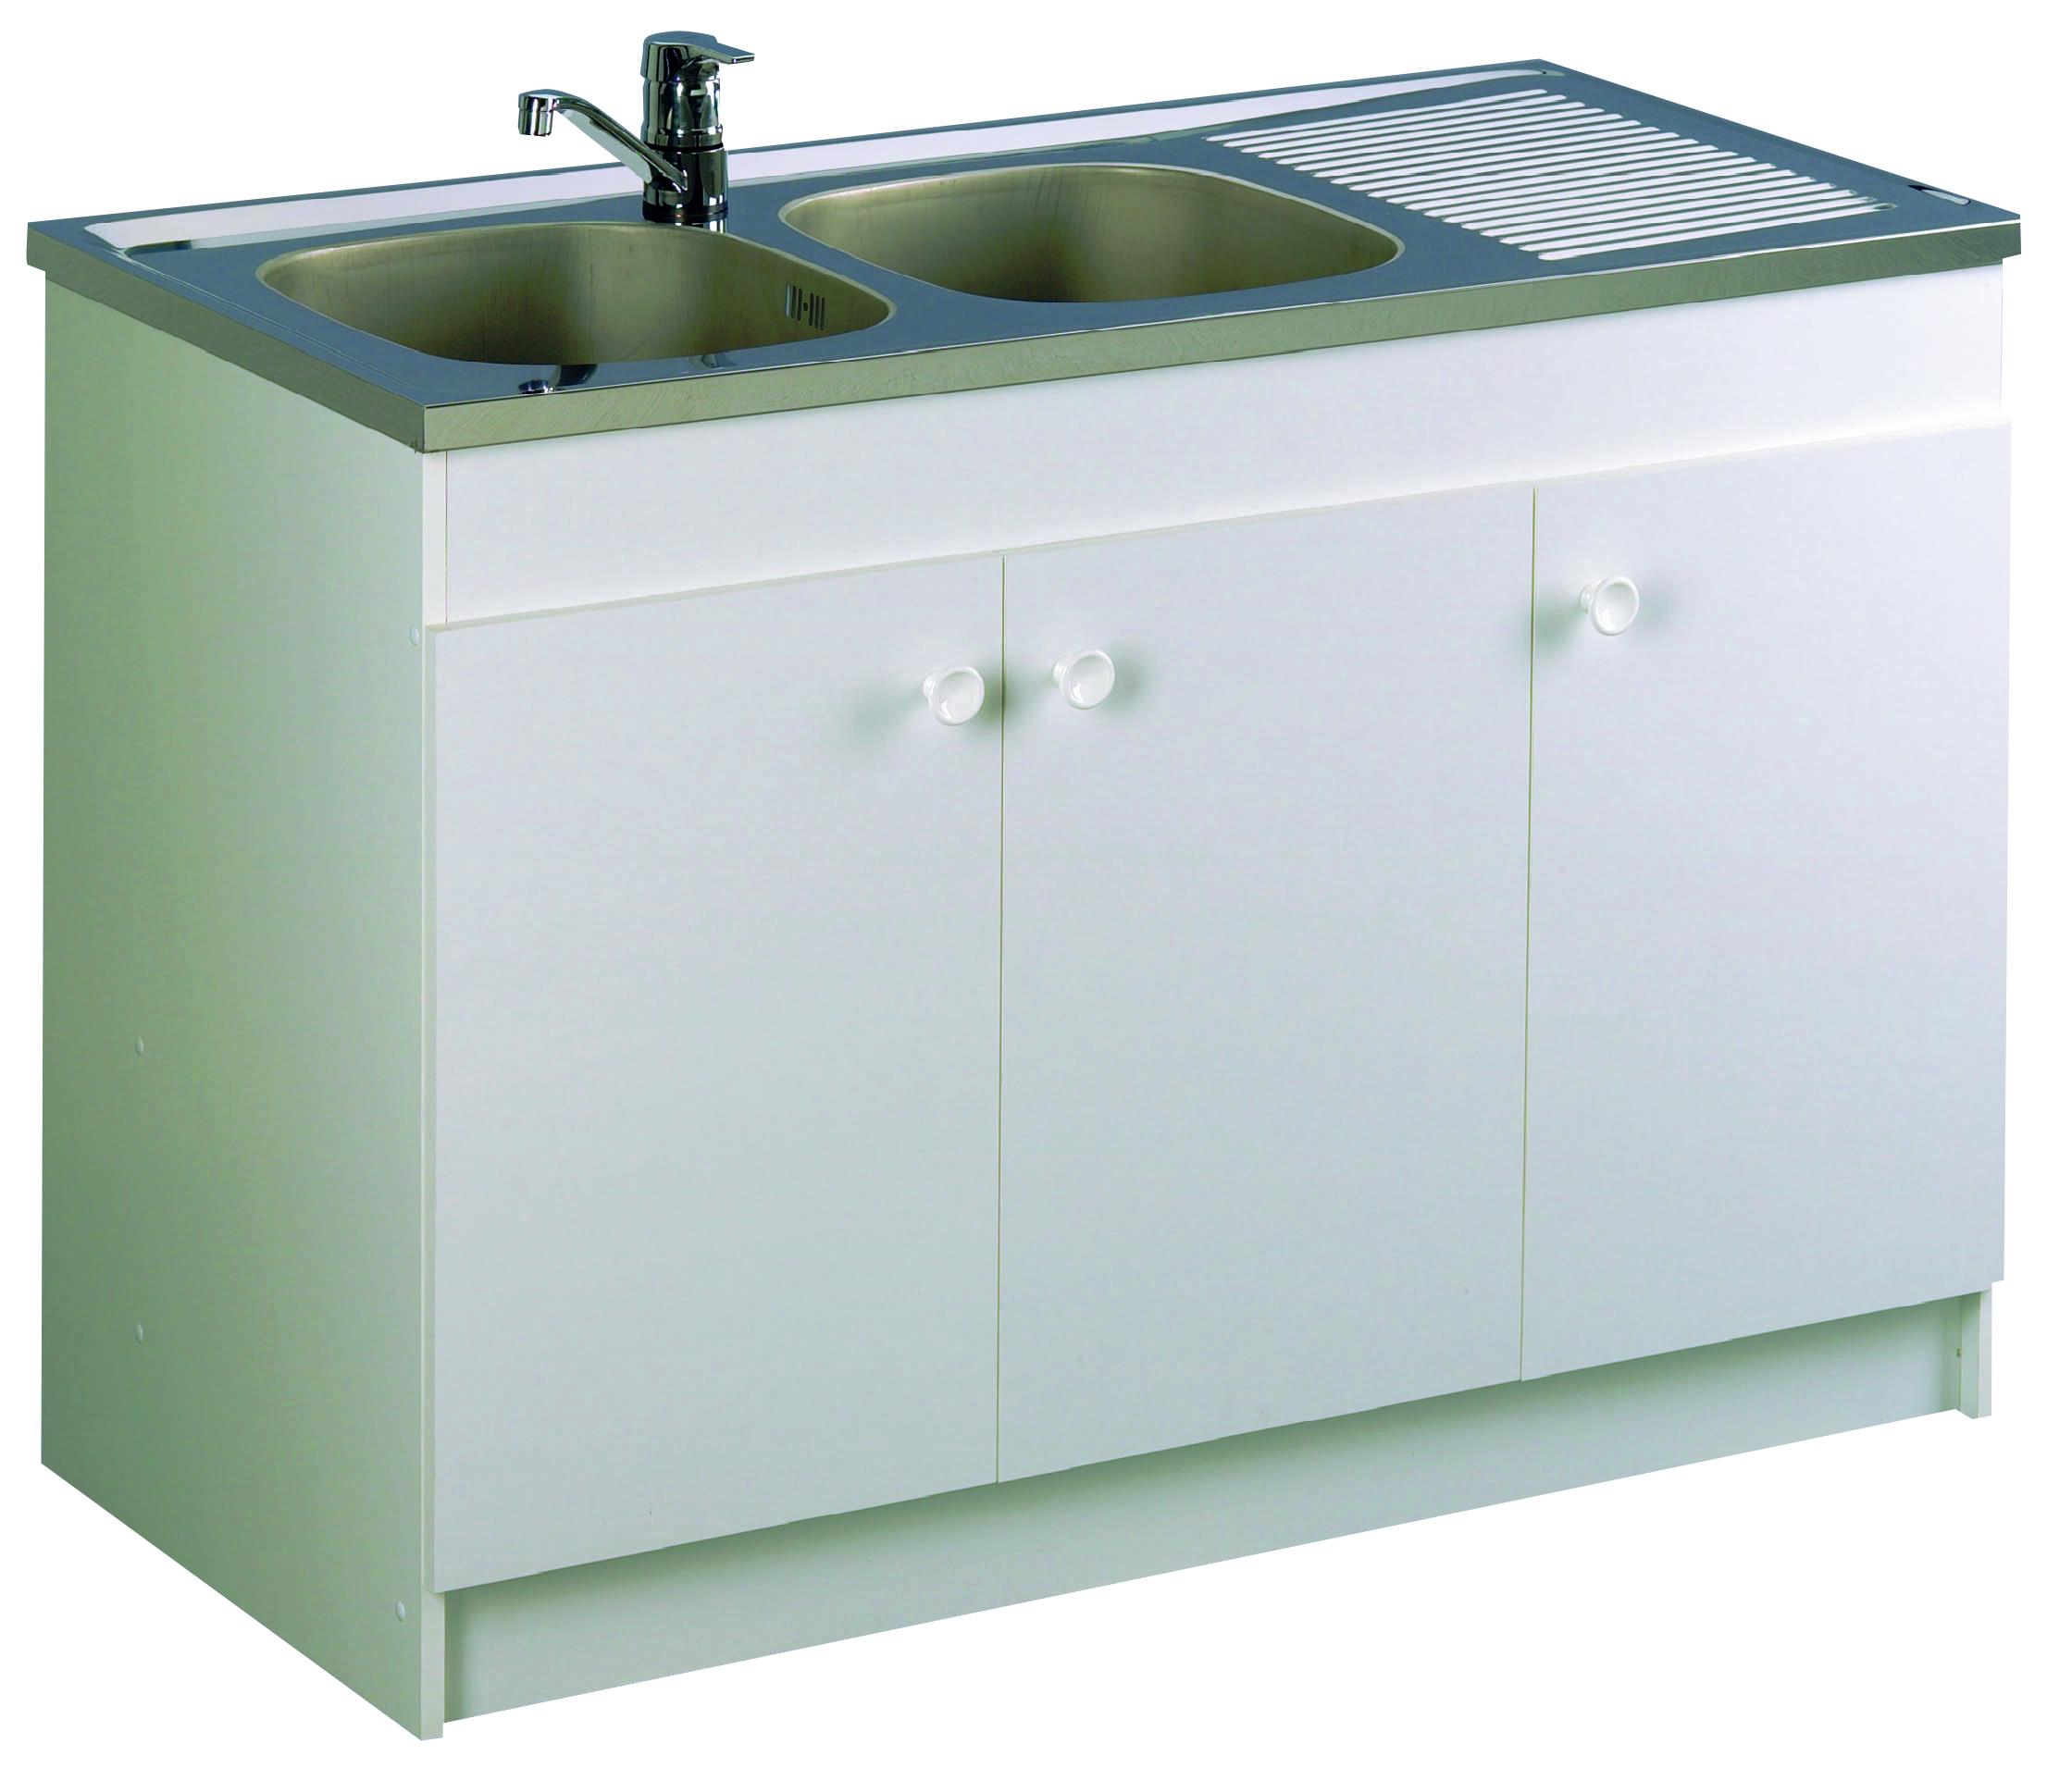 meuble de cuisine sous vier leader aquarine. Black Bedroom Furniture Sets. Home Design Ideas